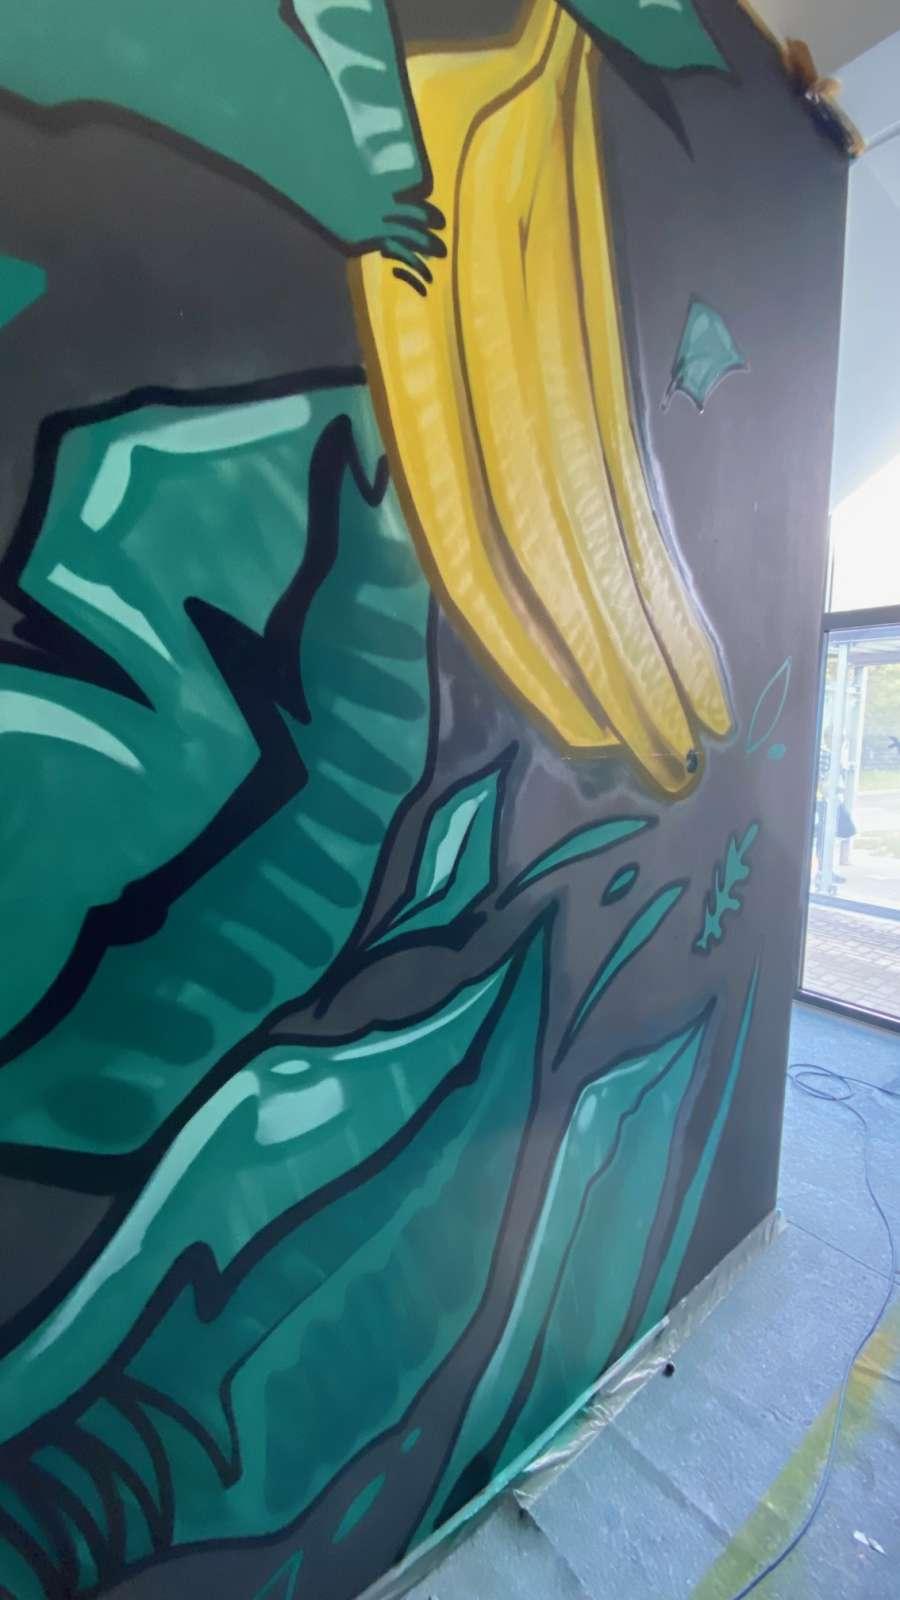 Amazon_Völklingen_2021_dschungle_Banane_blätter_innen_grün_grau_bunt_graffiti_Logistik_01artmos4_graffitiauftrag_graffitikuenstler